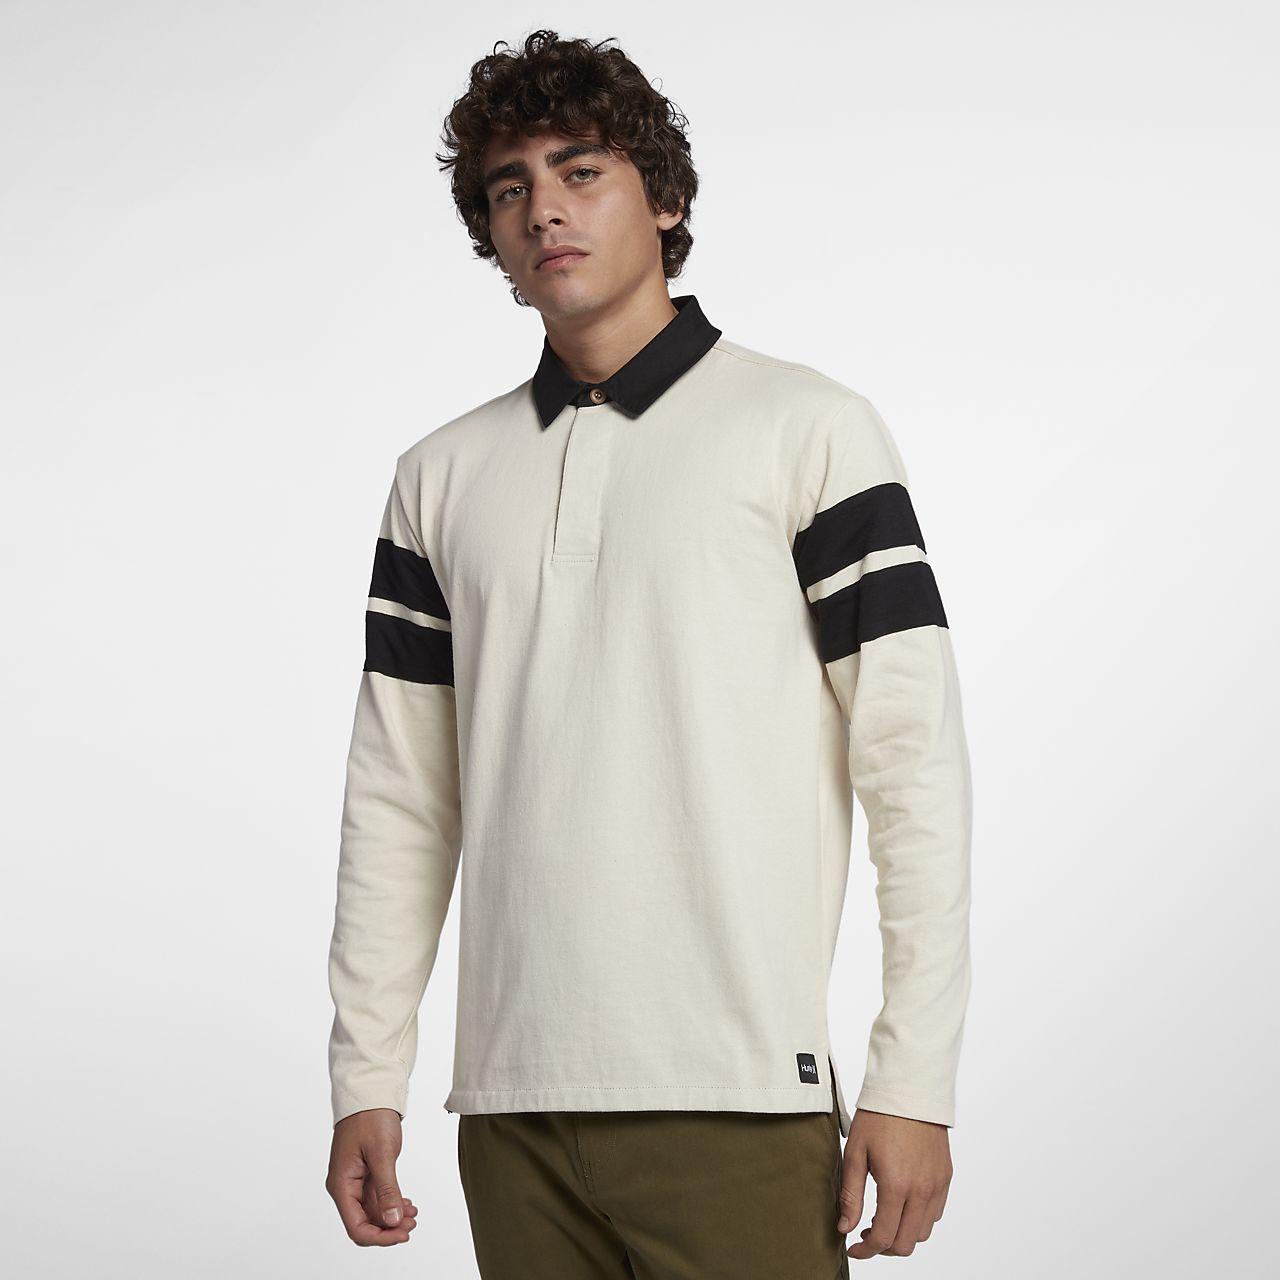 Hurley Rugby Langarm-Poloshirt für Herren